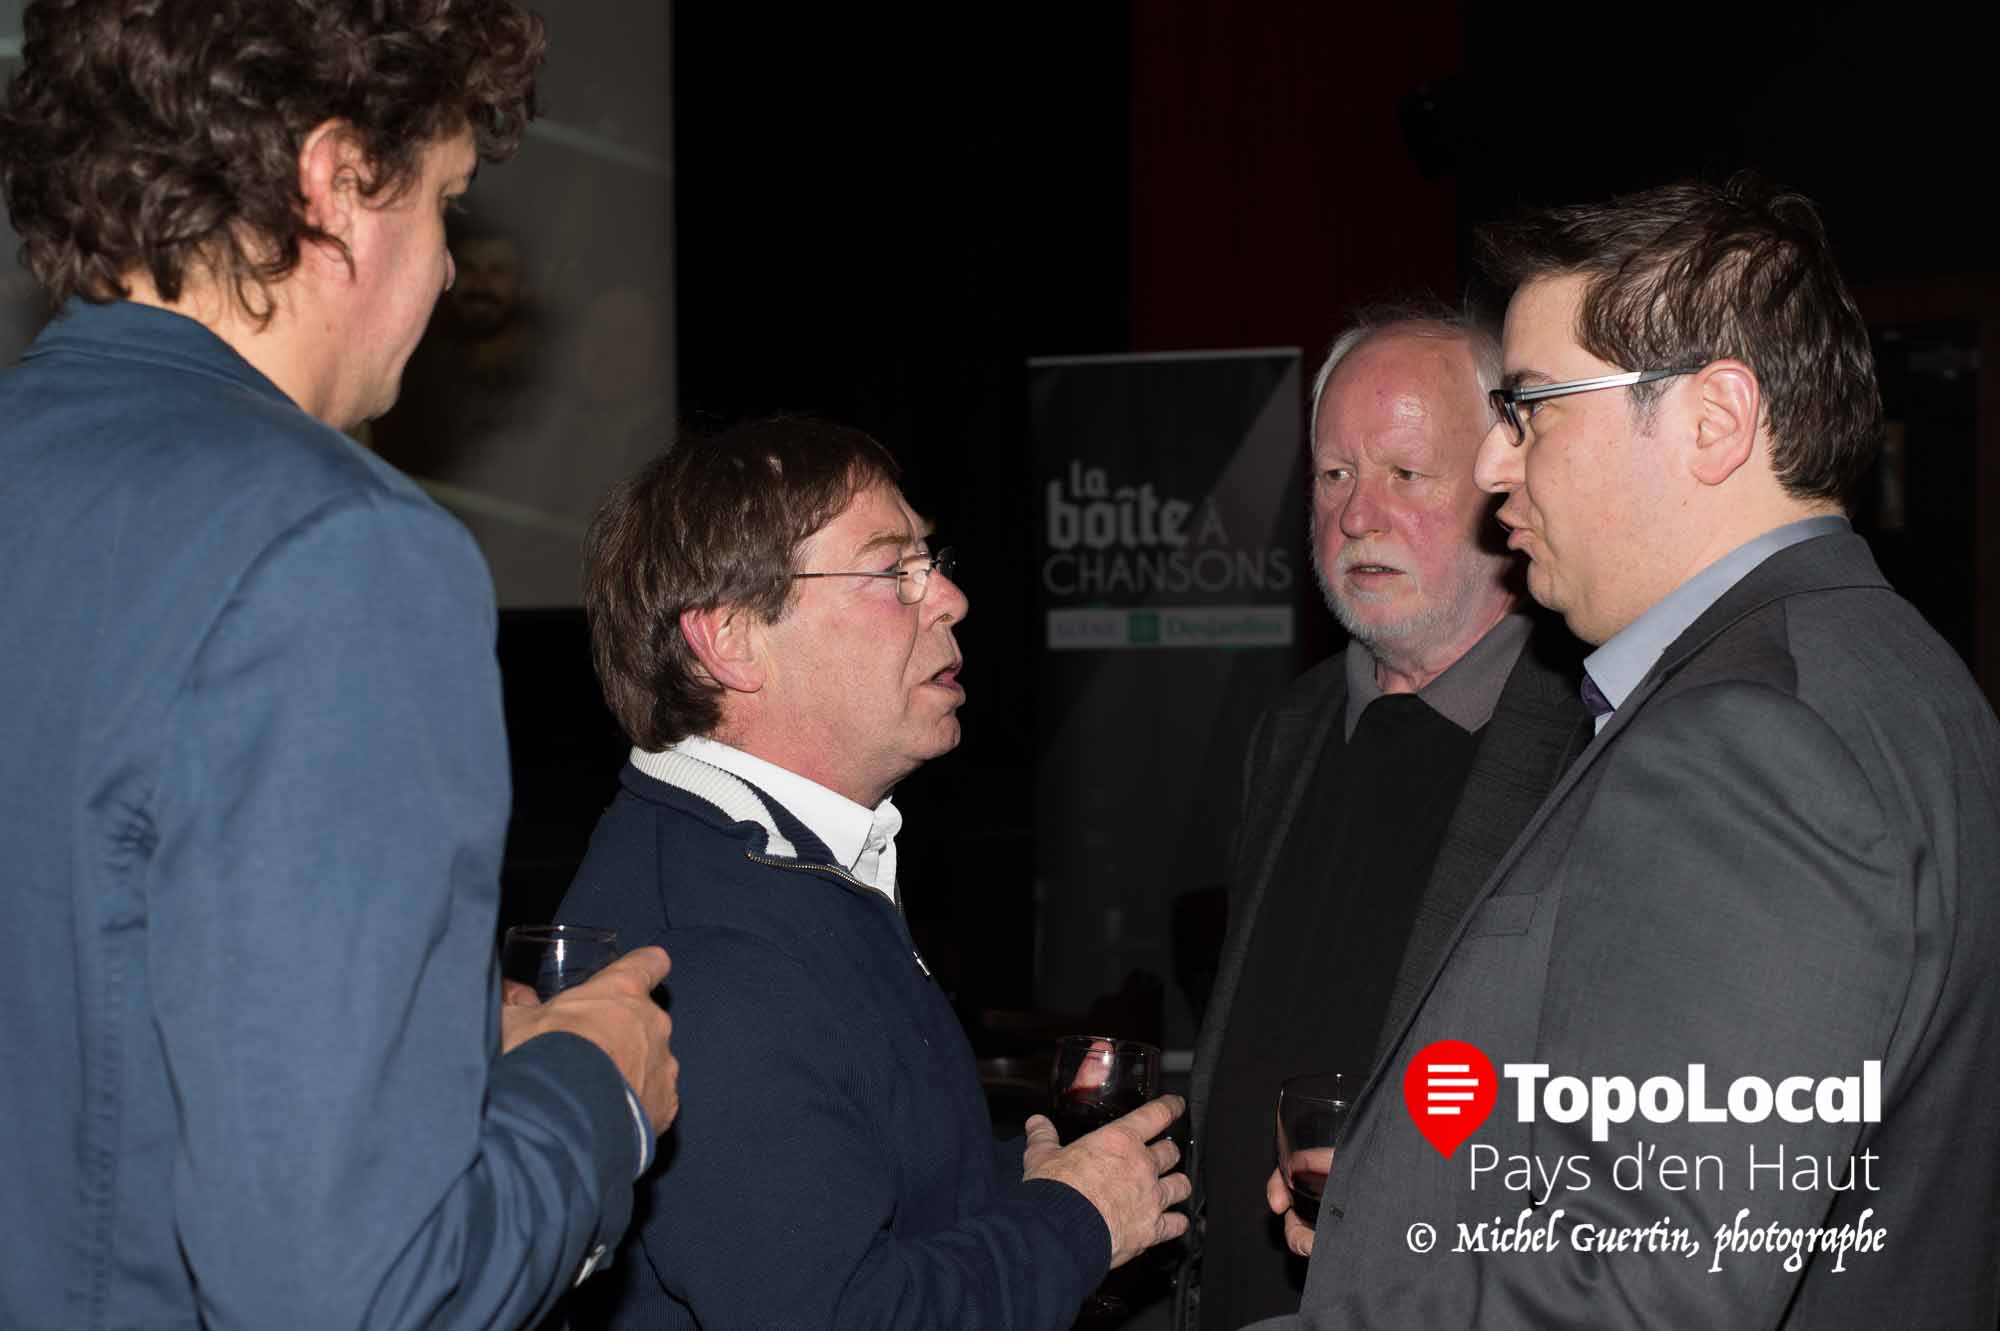 Jérôme Charlebois, Christian Fournier et Paul Legault discutaient des derniers préparatifs avant le lancemenr officiel de la saison du Patriote avec le directeur général Alexandre Gélinas.